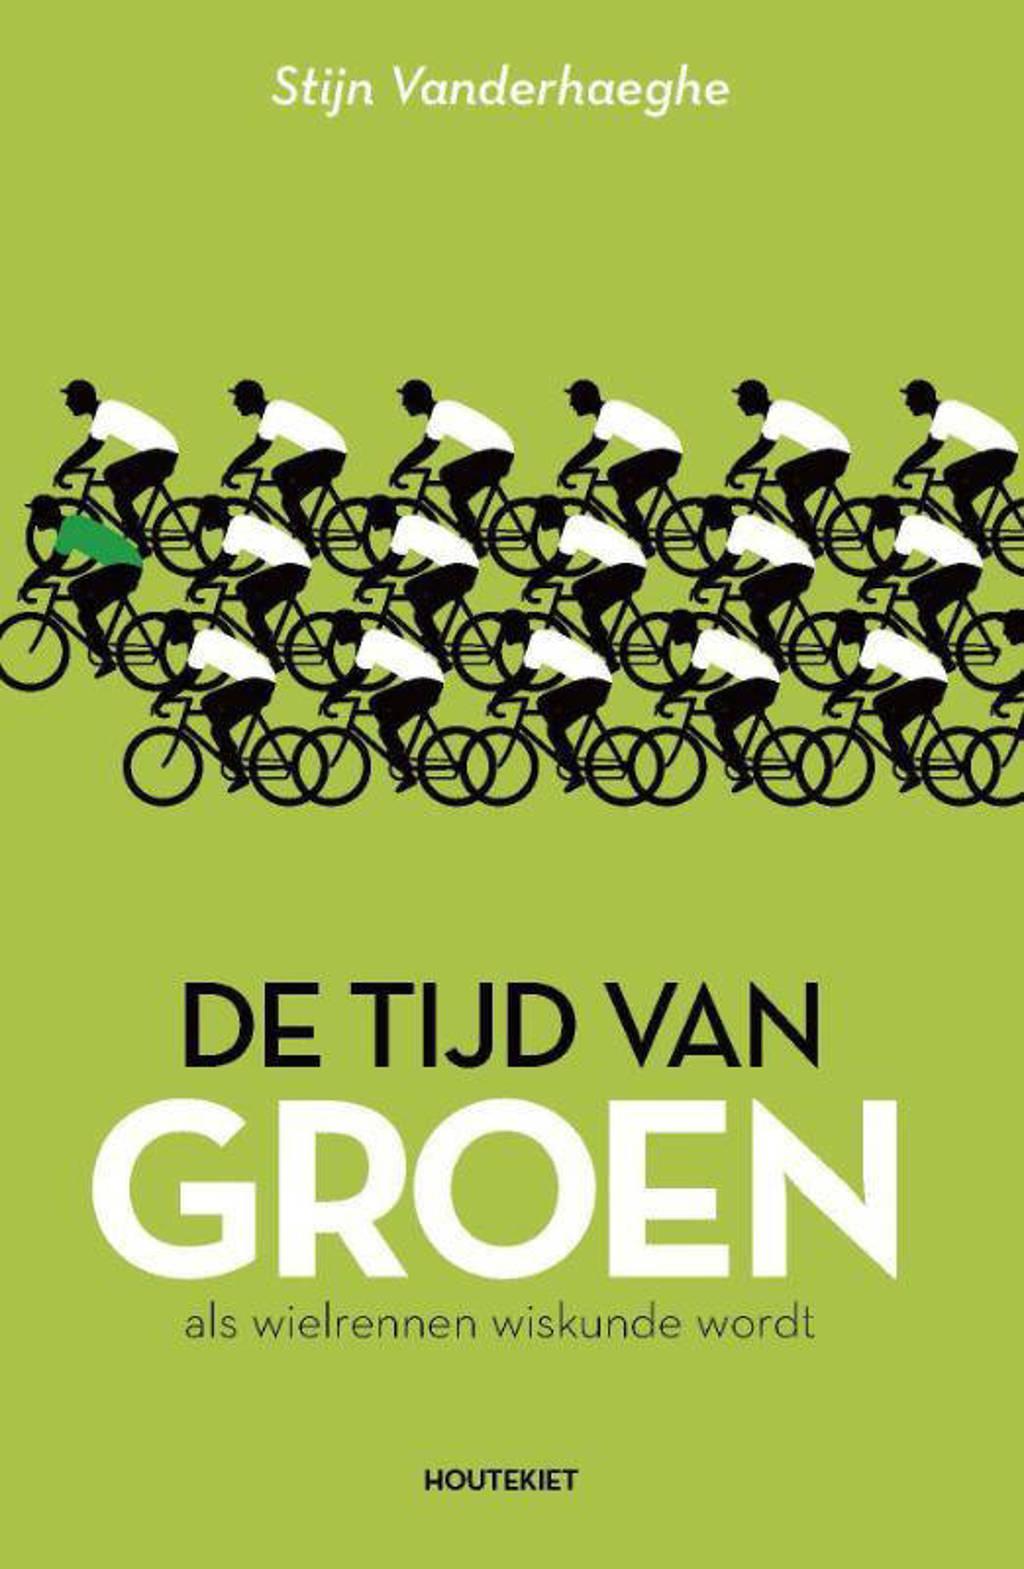 De tijd van groen - Stijn Vanderhaeghe